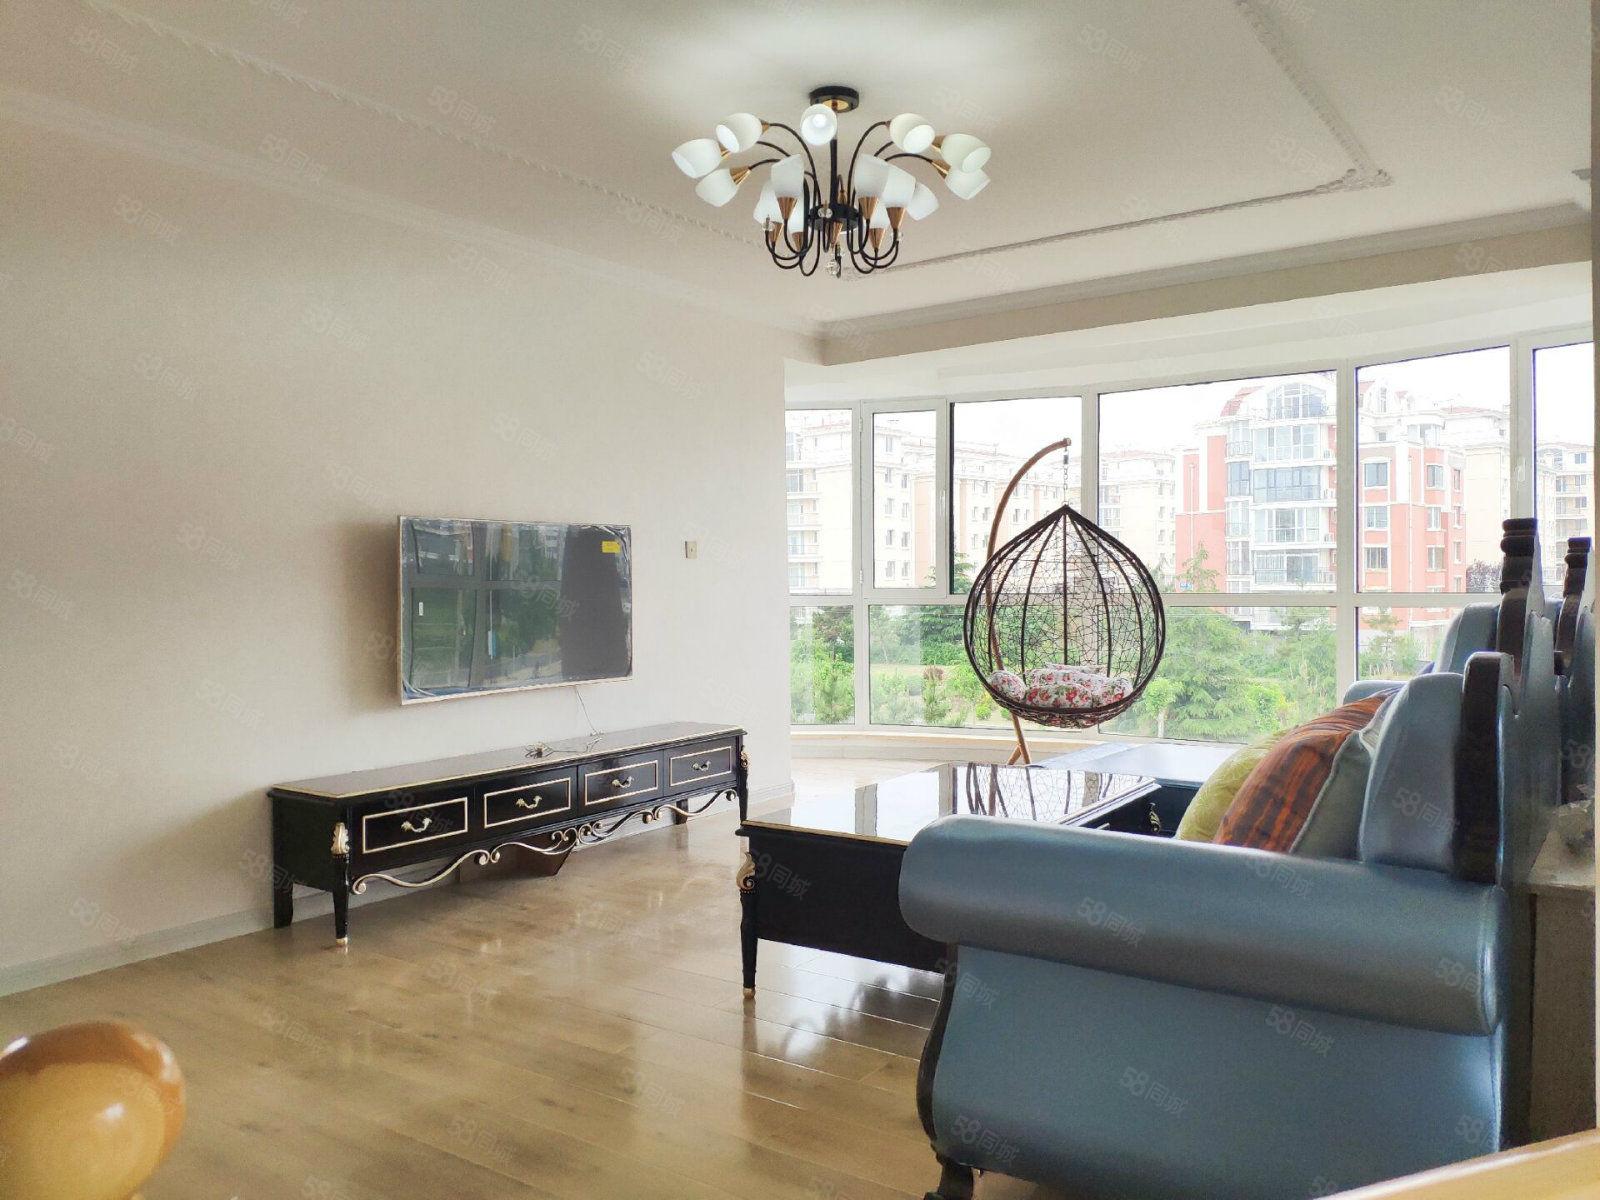 新出錯層大洋房,海林B2區4樓140平58.5萬三室兩廳兩衛